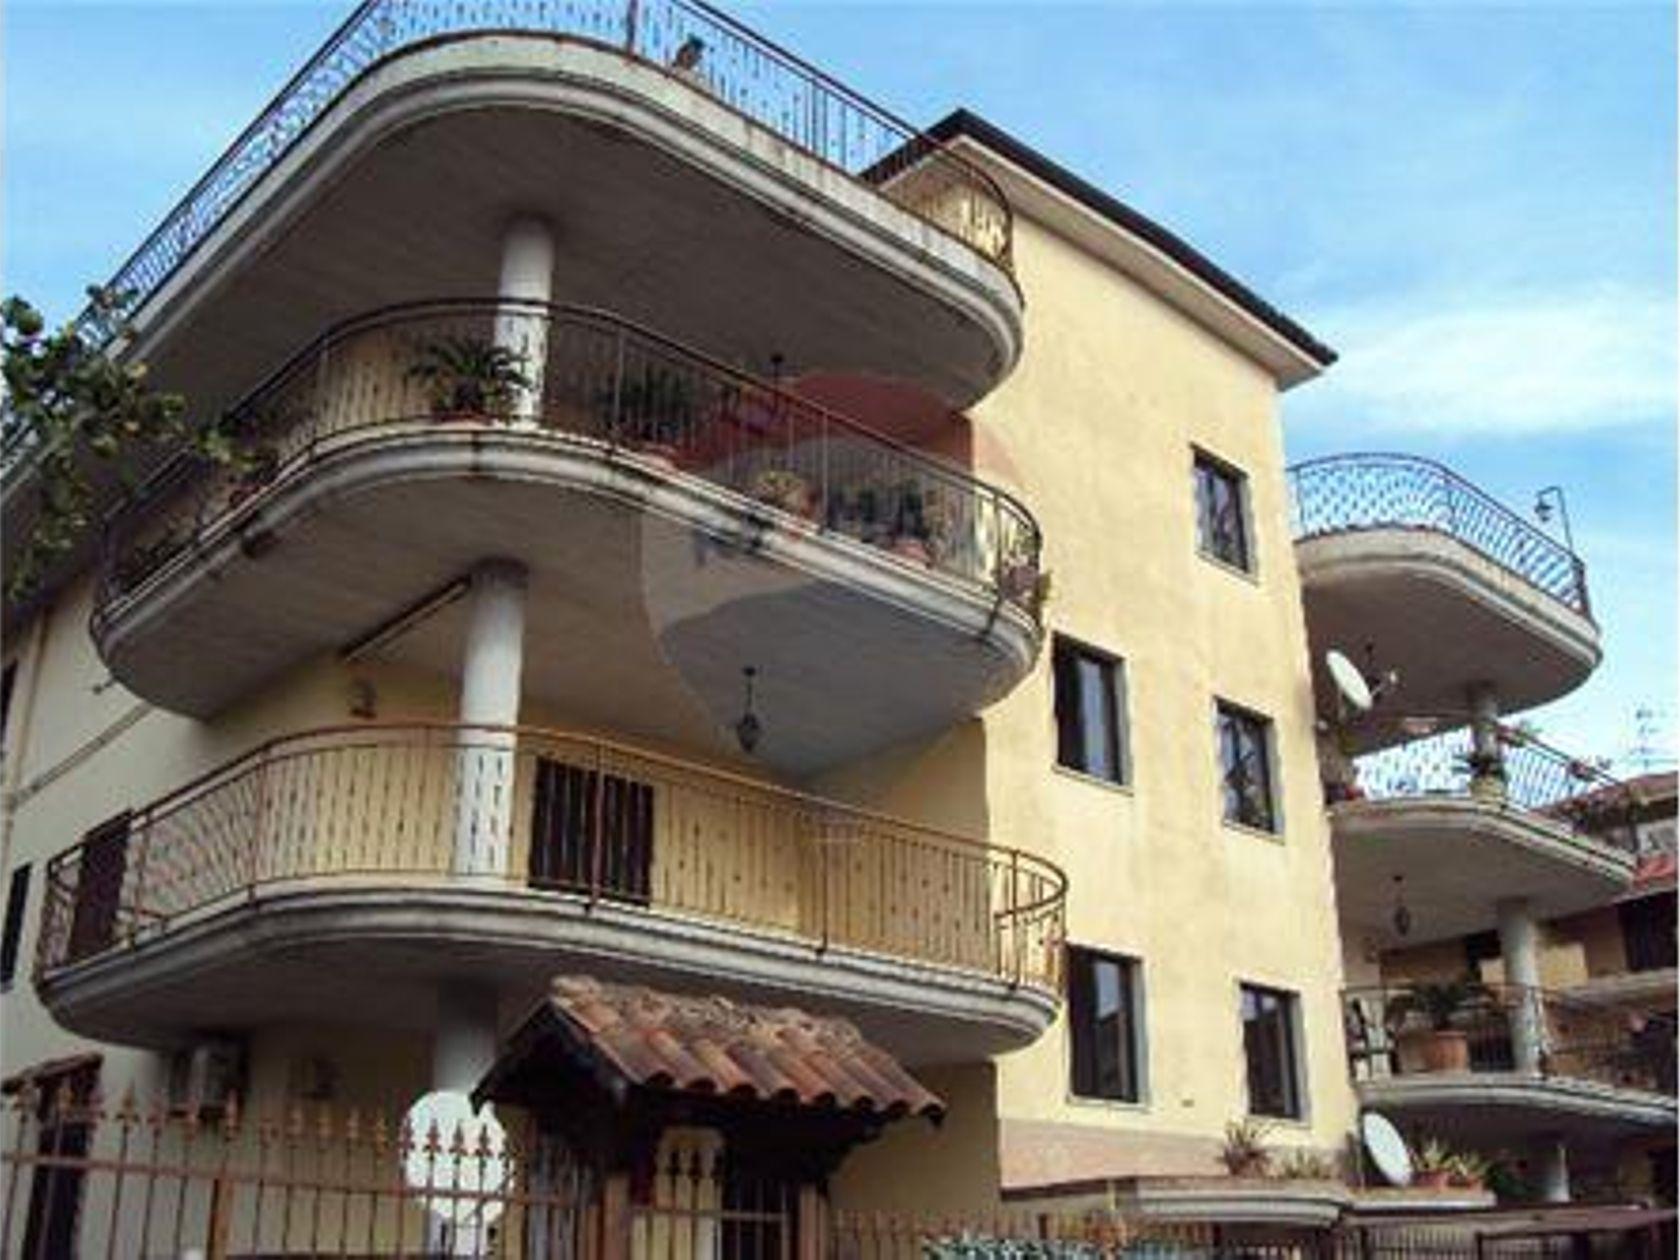 Casa Semindipendente Gricignano di Aversa, CE Vendita - Foto 2